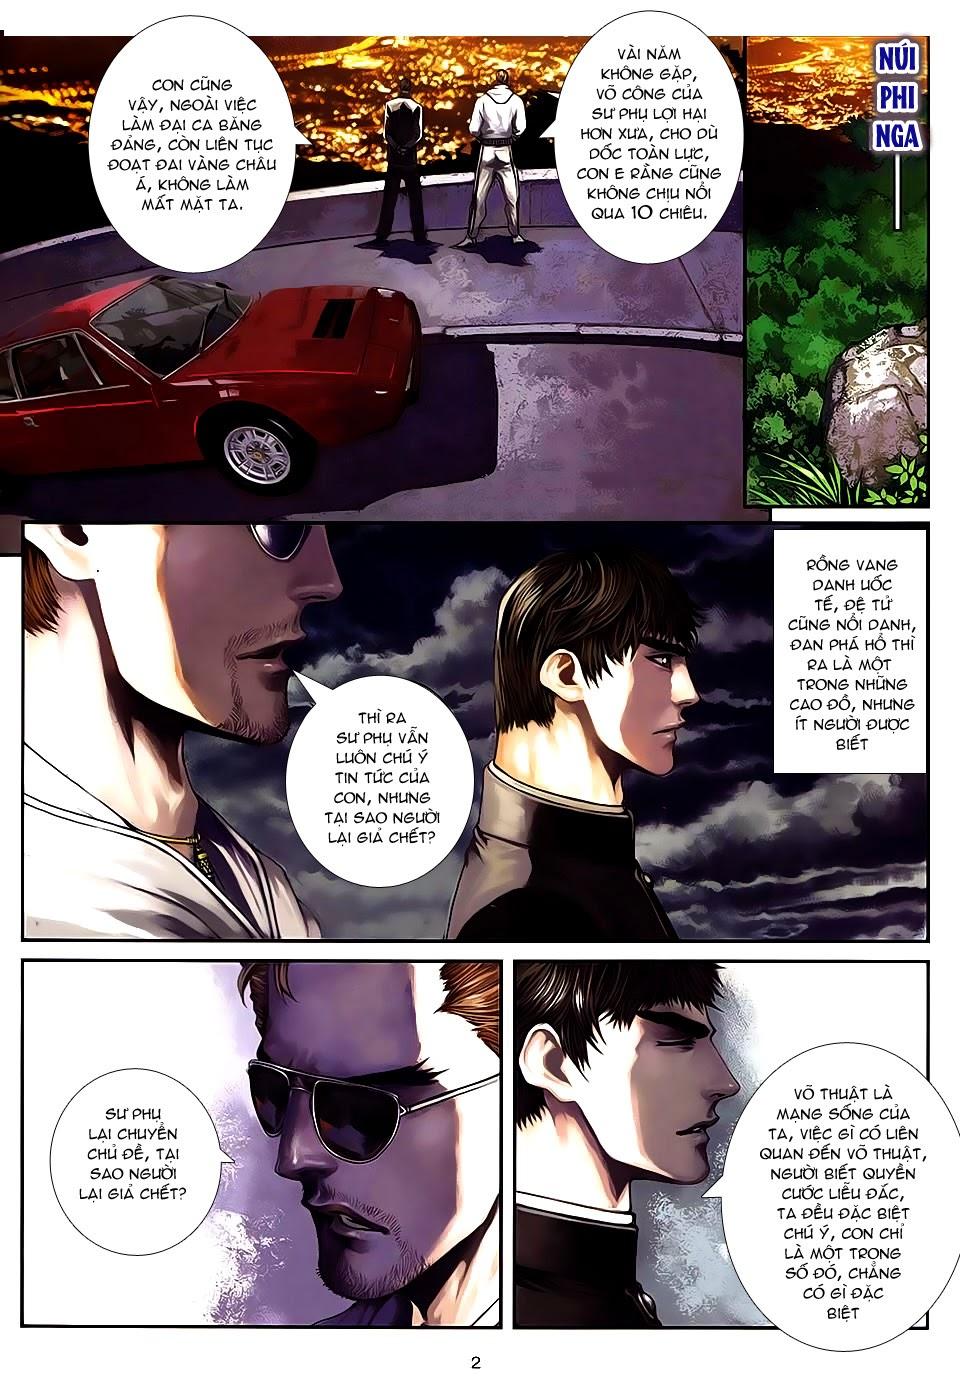 Quyền Đạo chapter 9 trang 2